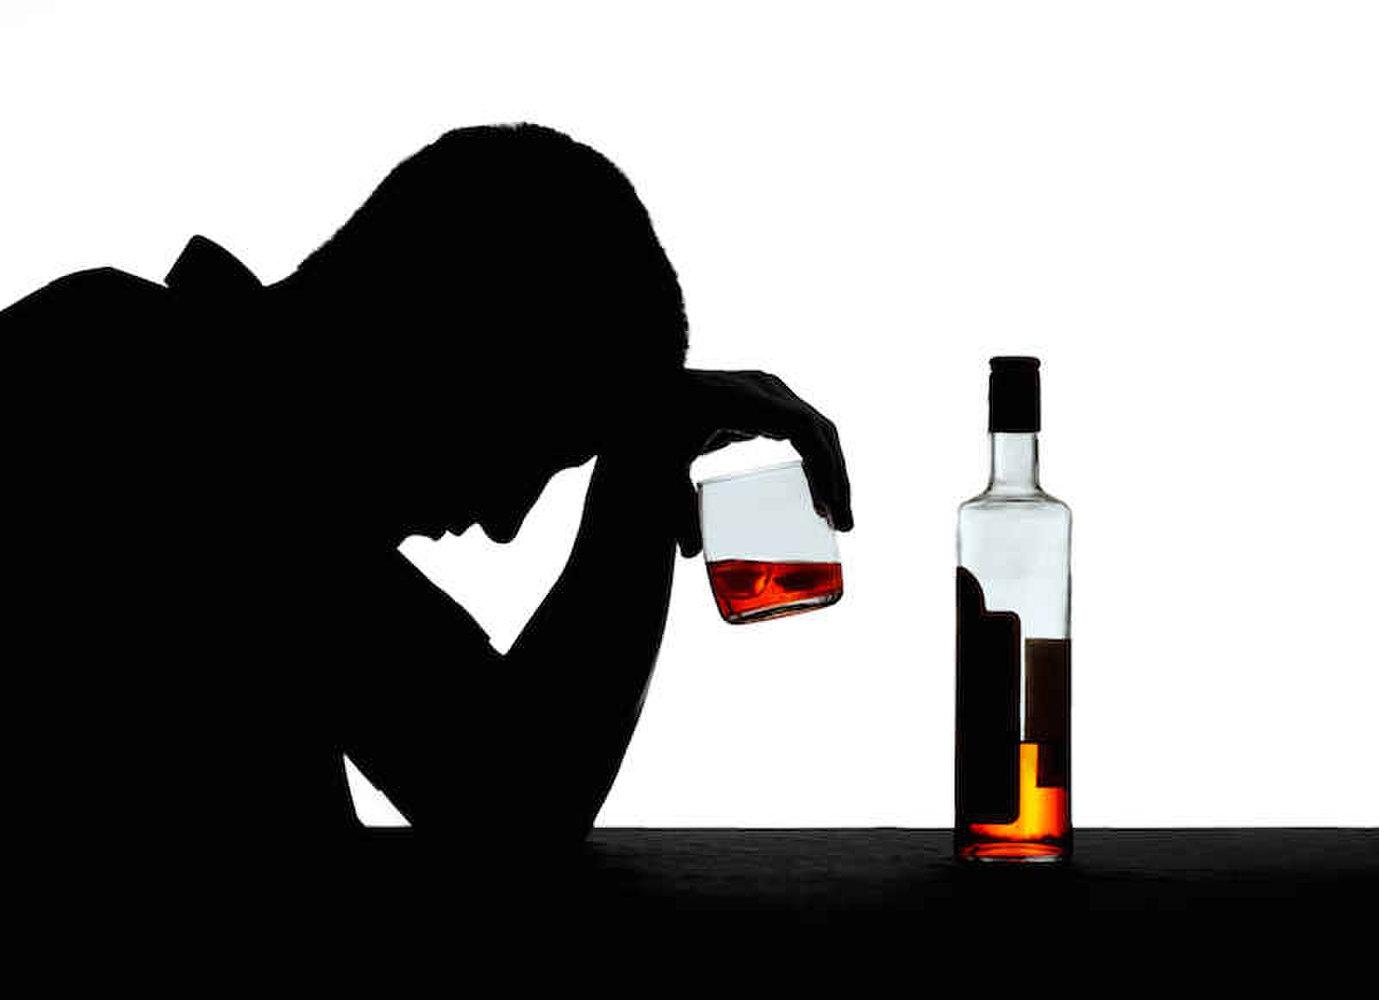 آیا مصرف مقدار اندک الکل هم ضرر دارد؟